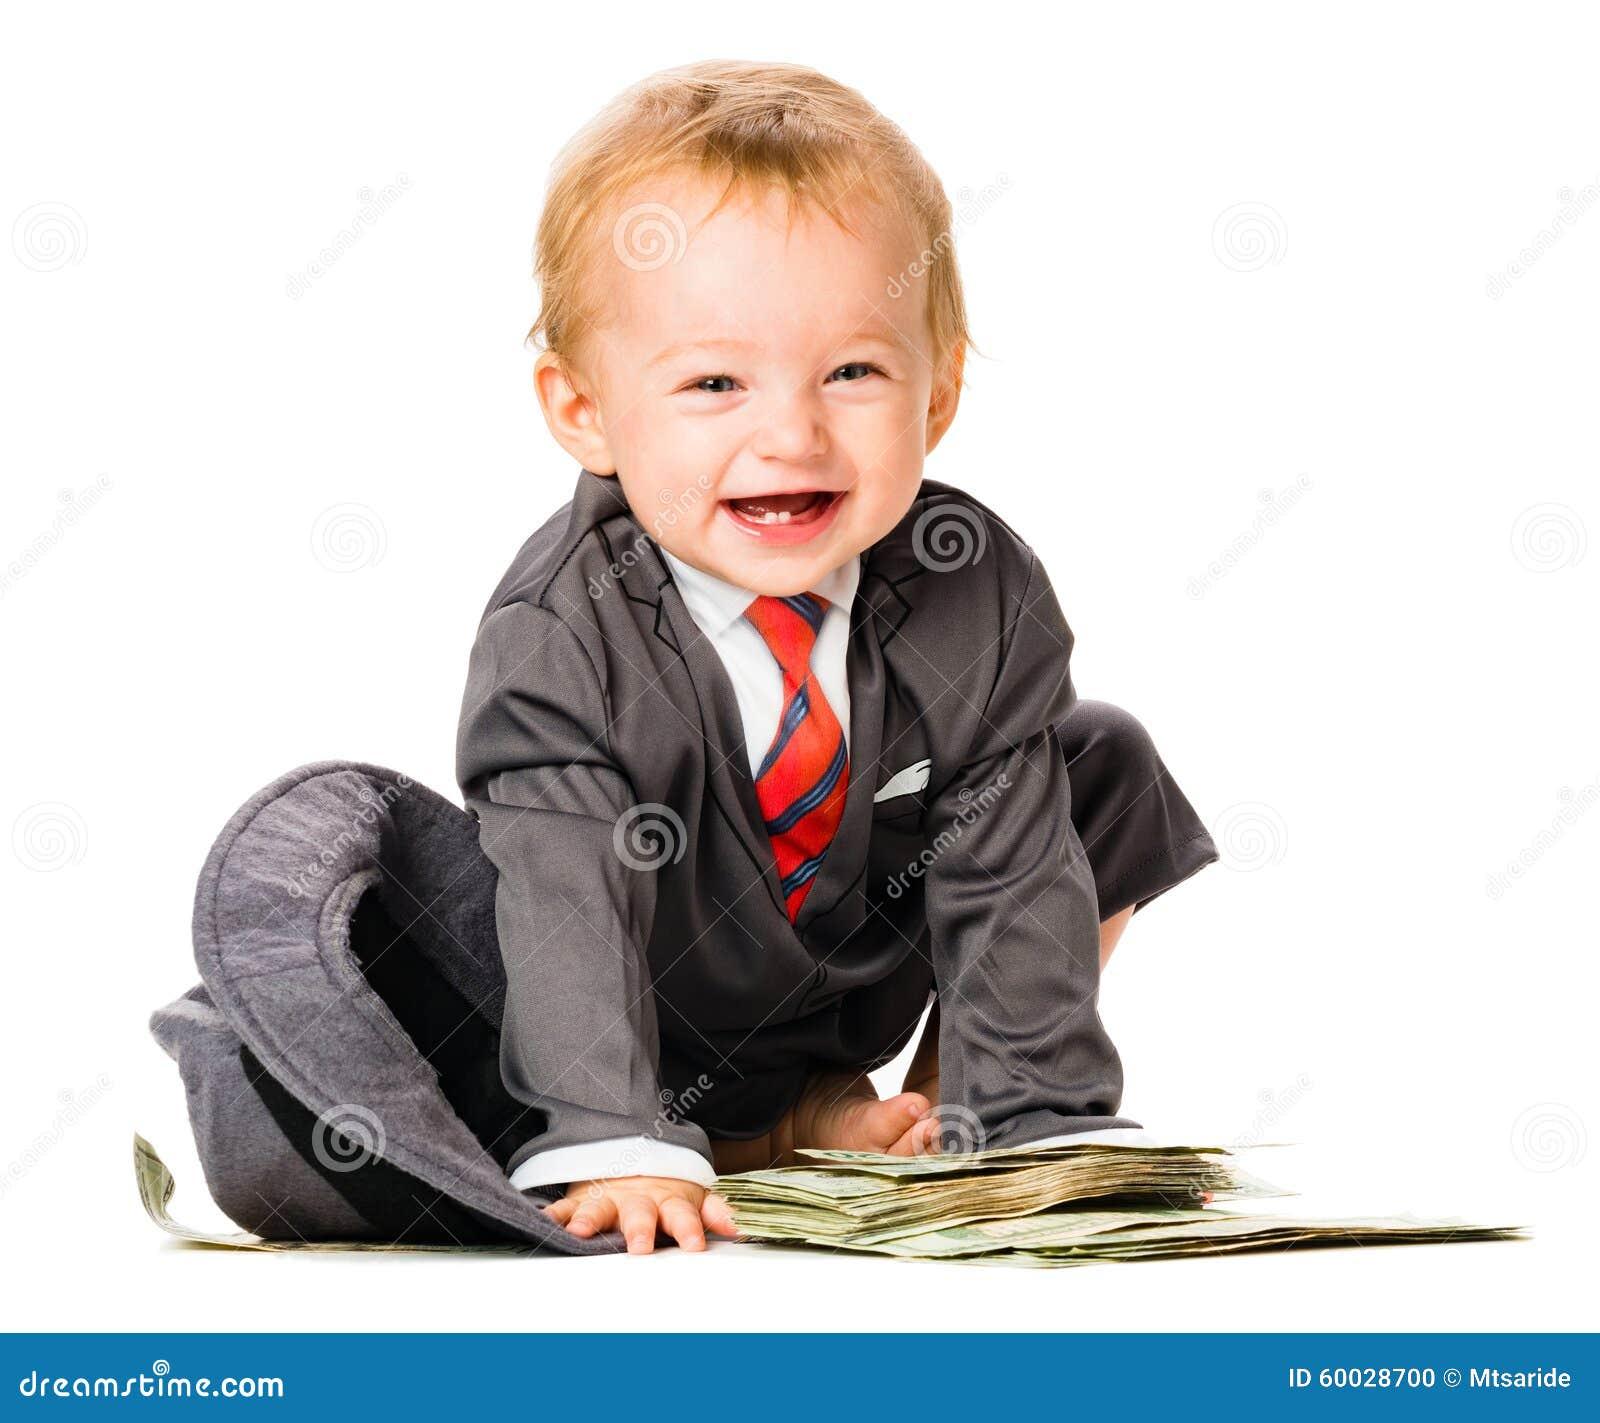 money baby download